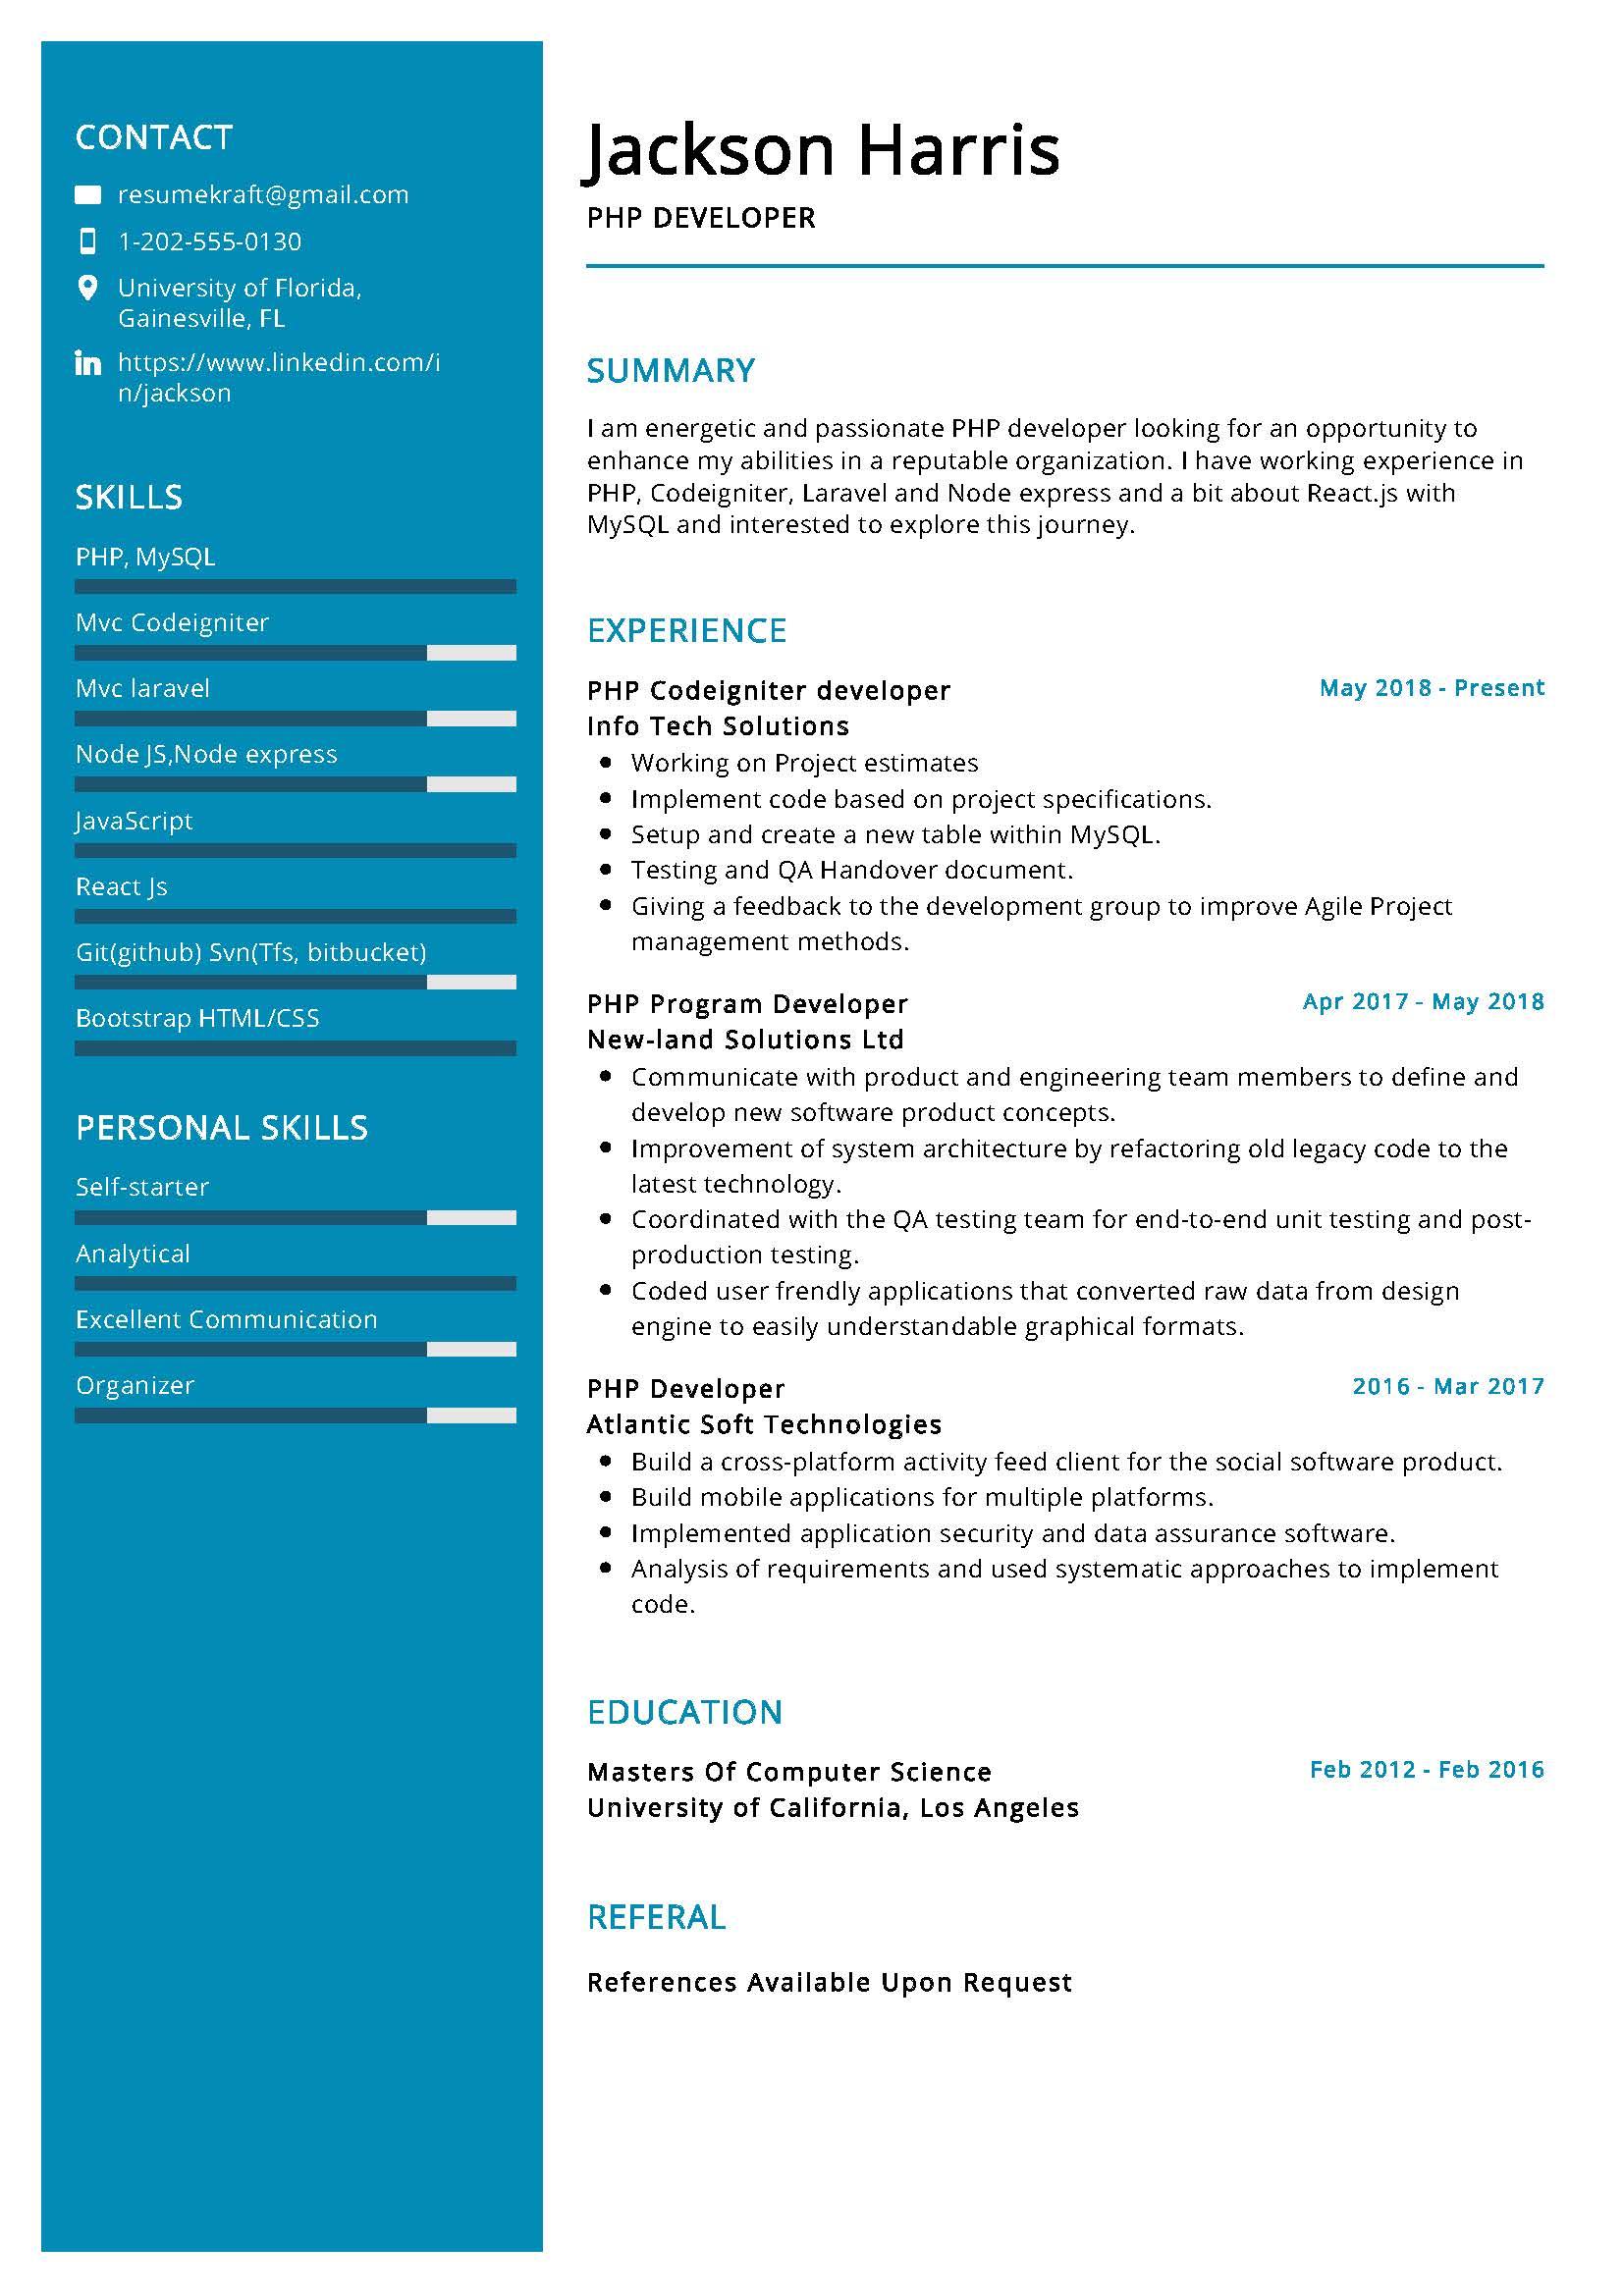 php developer resume sample  writing tips 2020  resumekraft